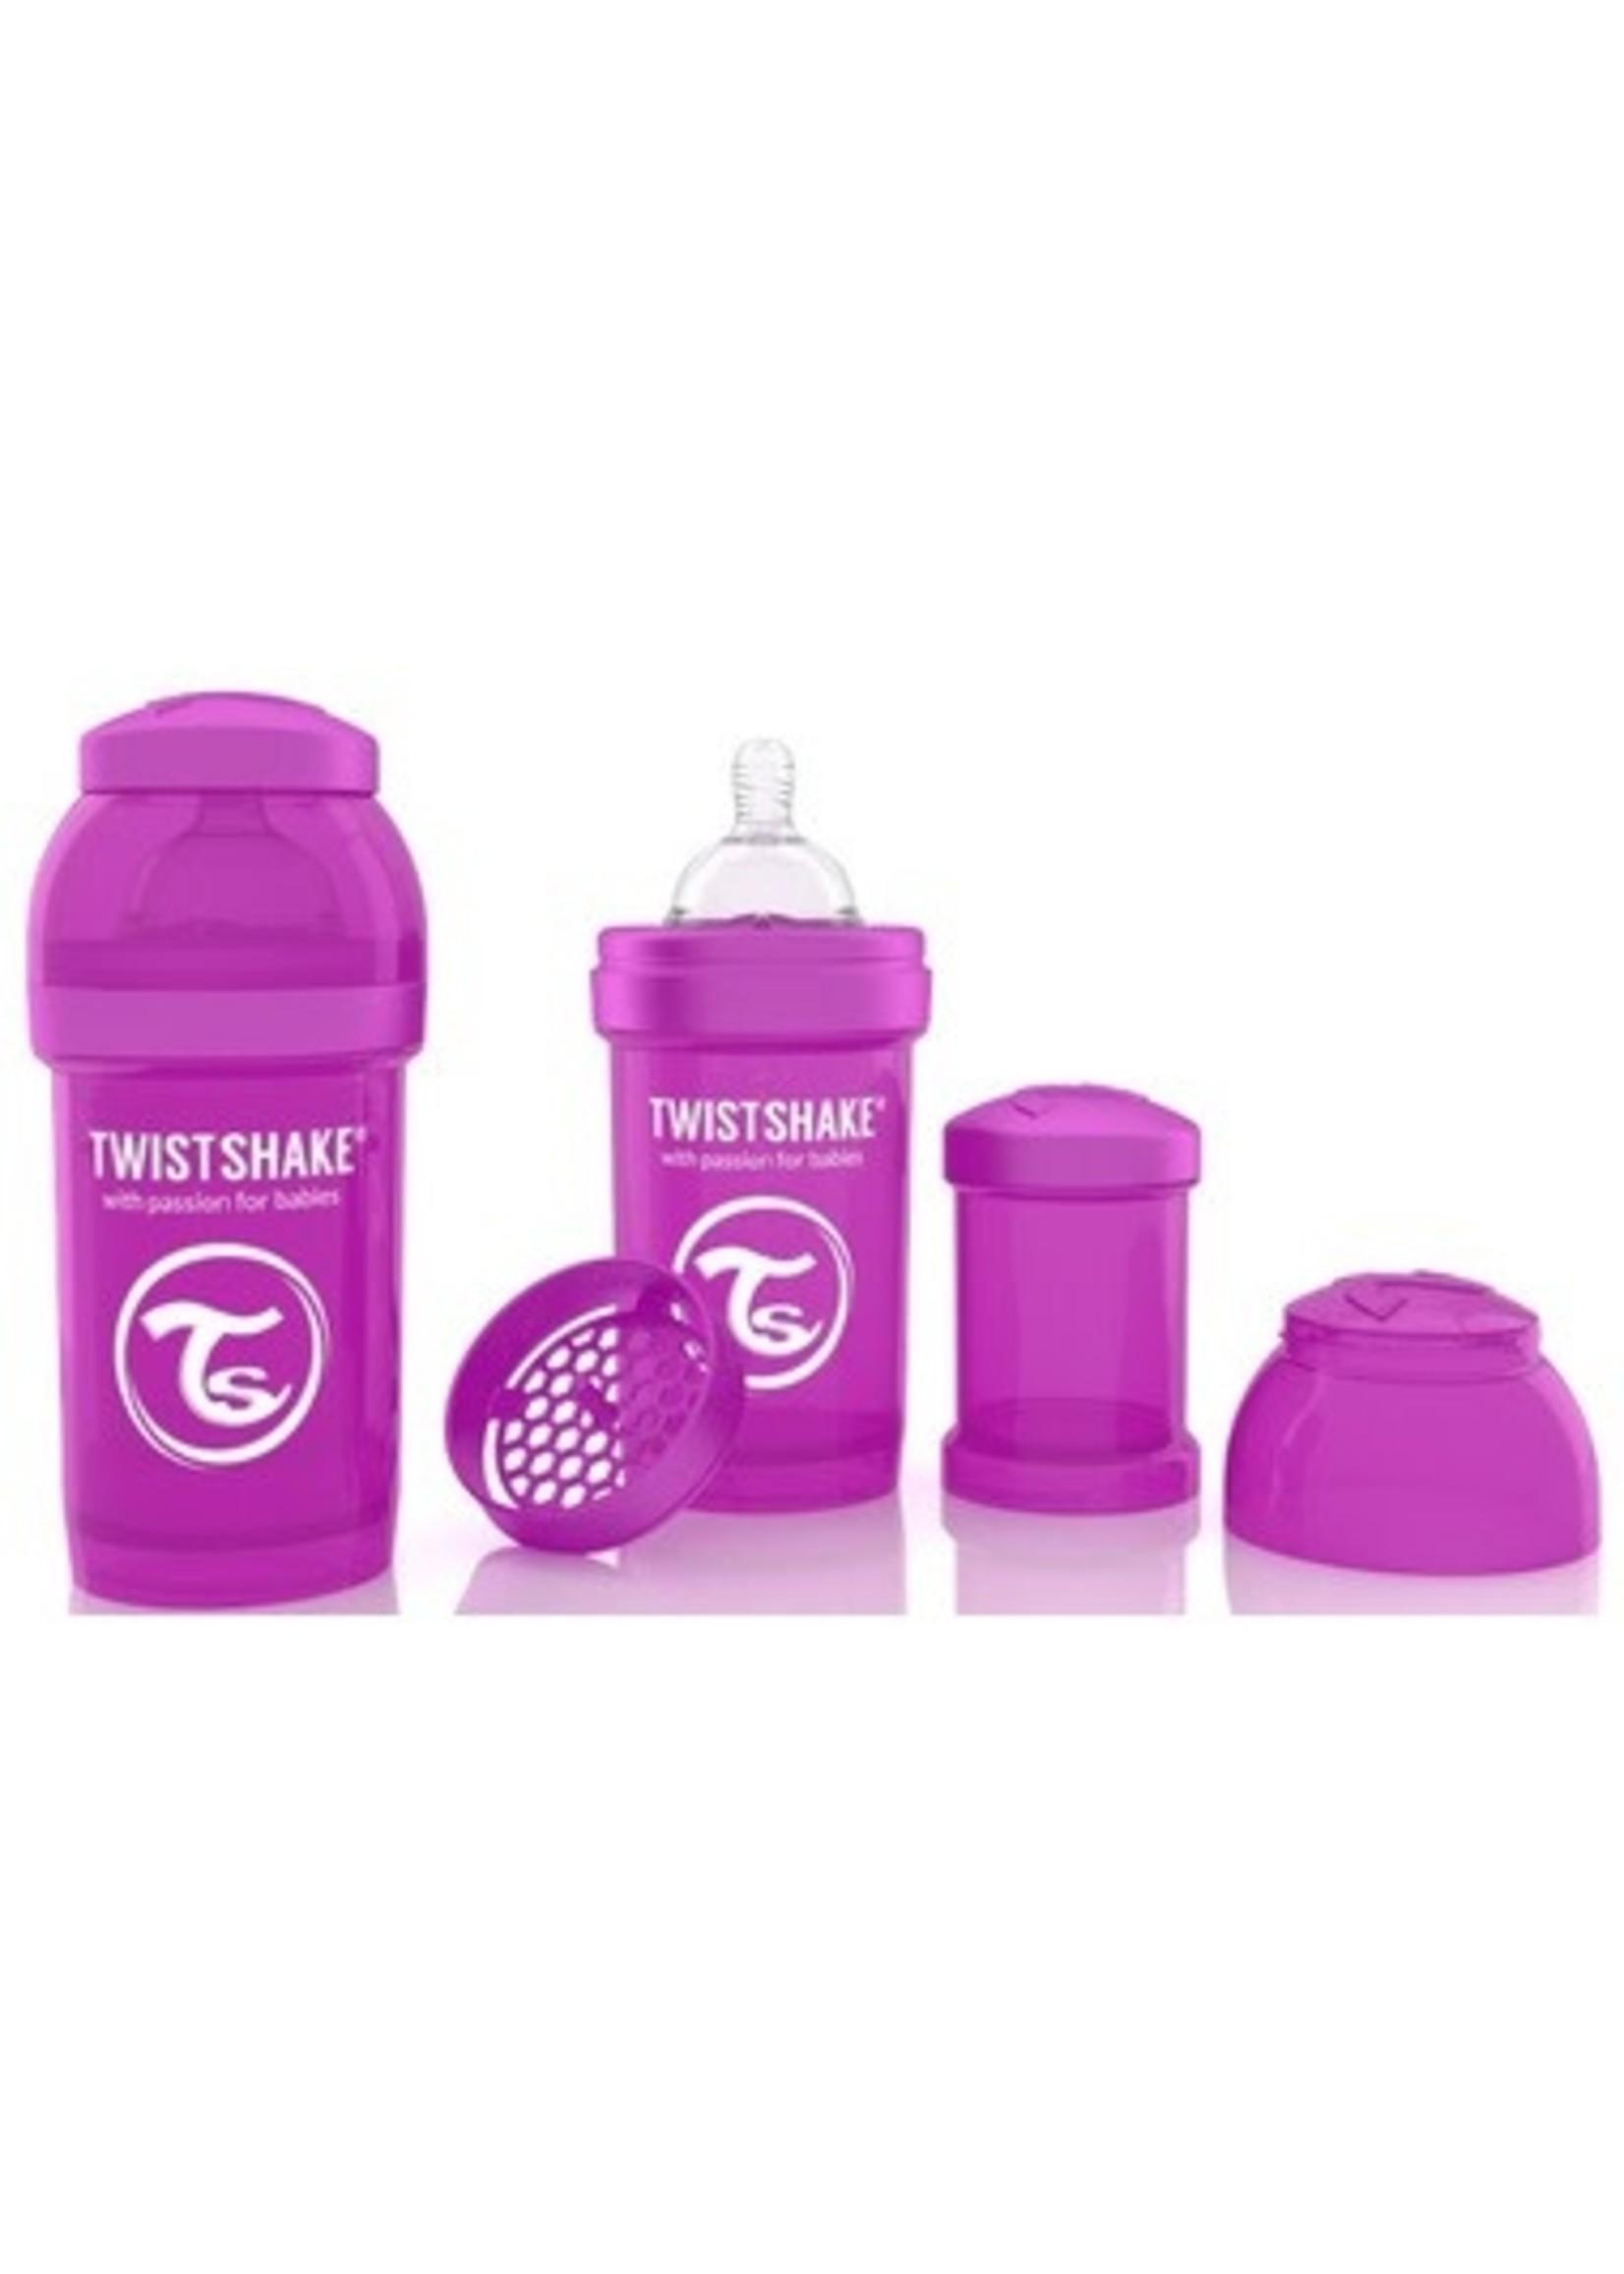 Twistshake Twistshake Bottle 180ml (Assorted)